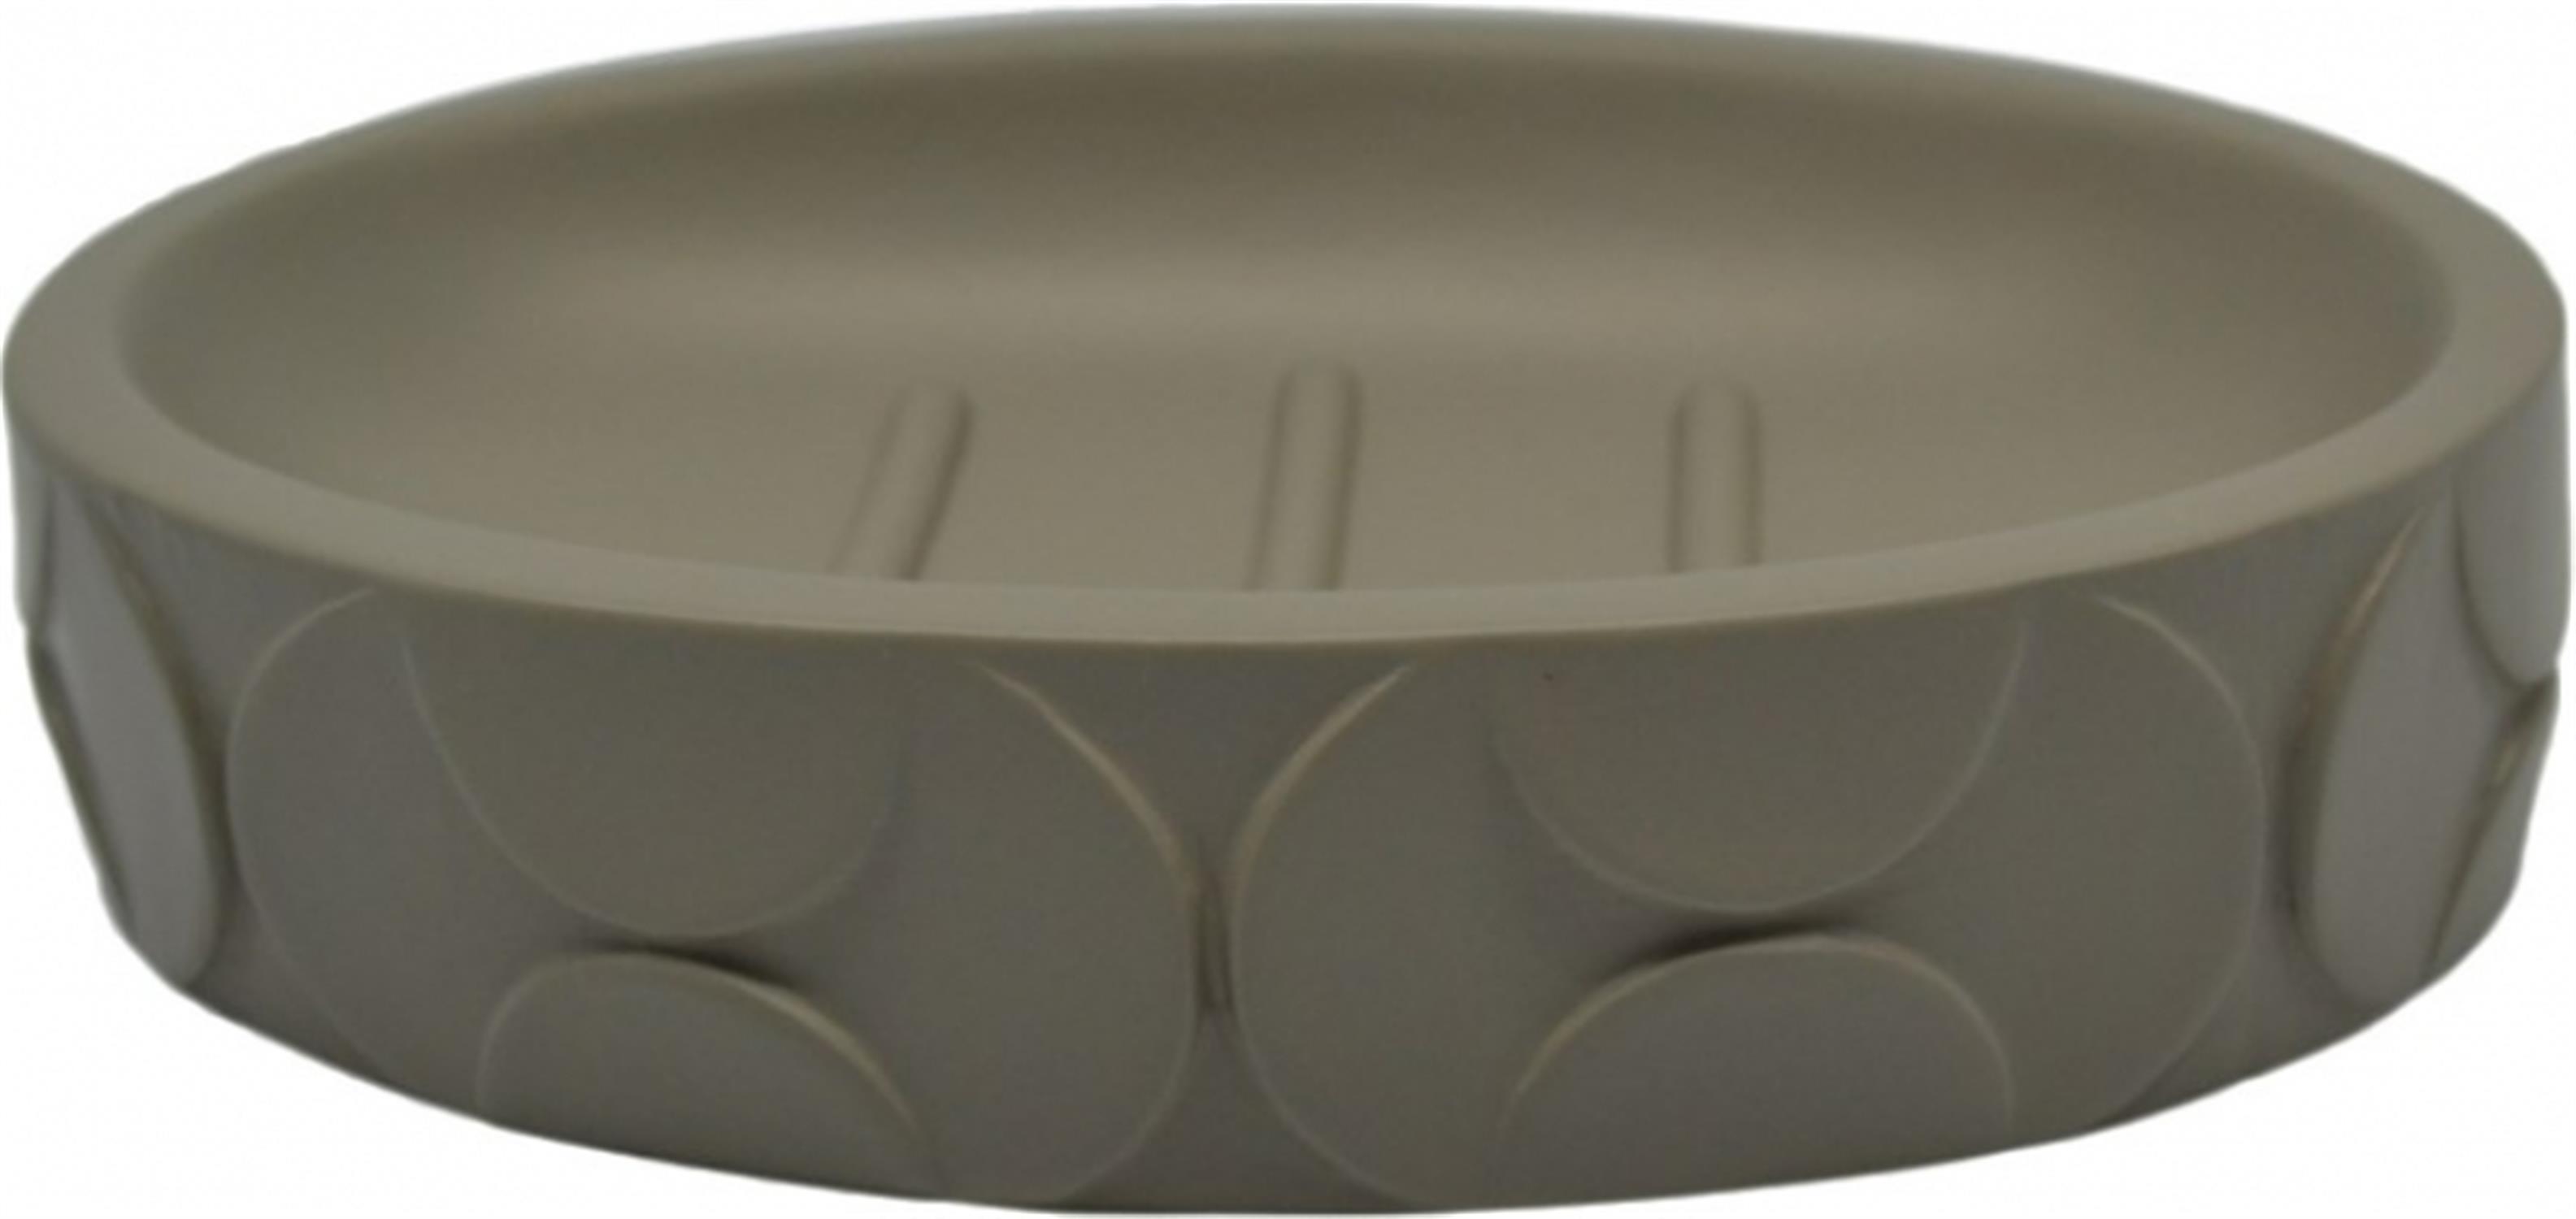 Σαπουνοθήκη μπάνιου σε γκρι χρώμα με ανάγλυφα σχέδια 12.5×8.5×2.5 cm.